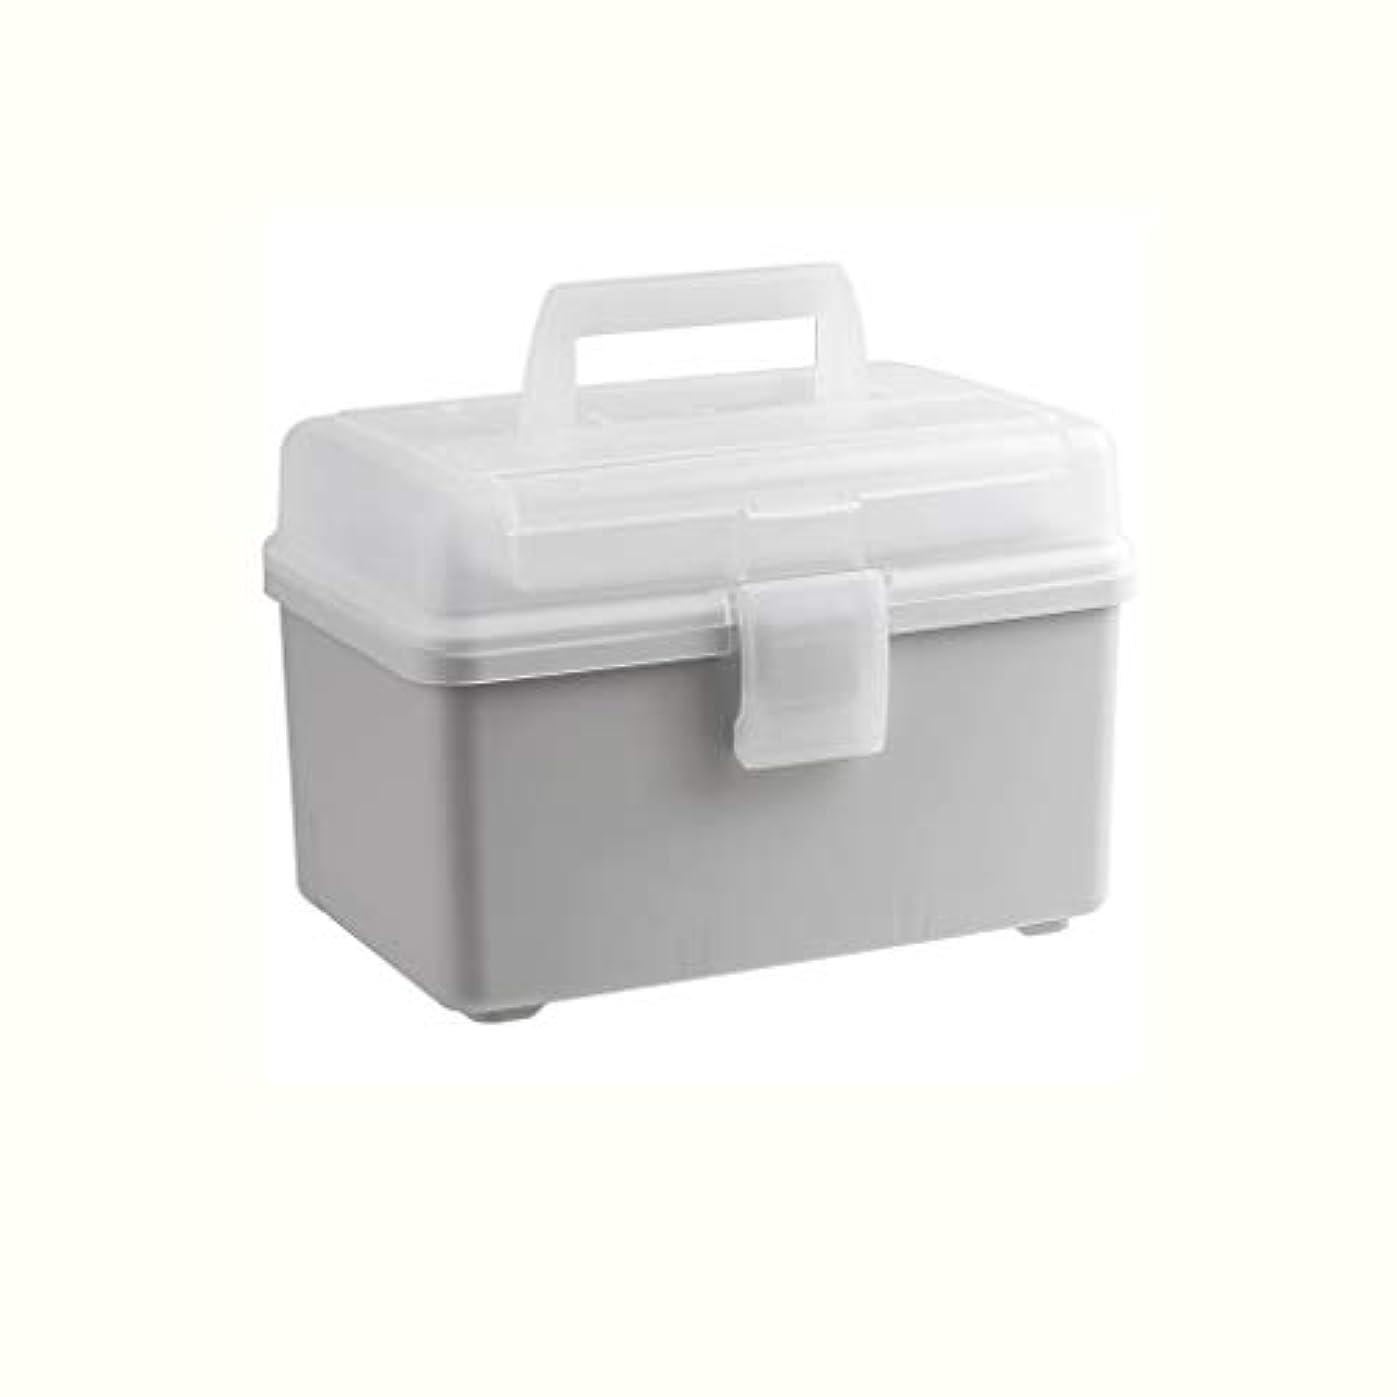 飾る虫を数える日常的に大容量薬箱家庭用ポータブル薬箱薬収納ボックスプラスチック薬箱 AMINIY (Color : Gray)